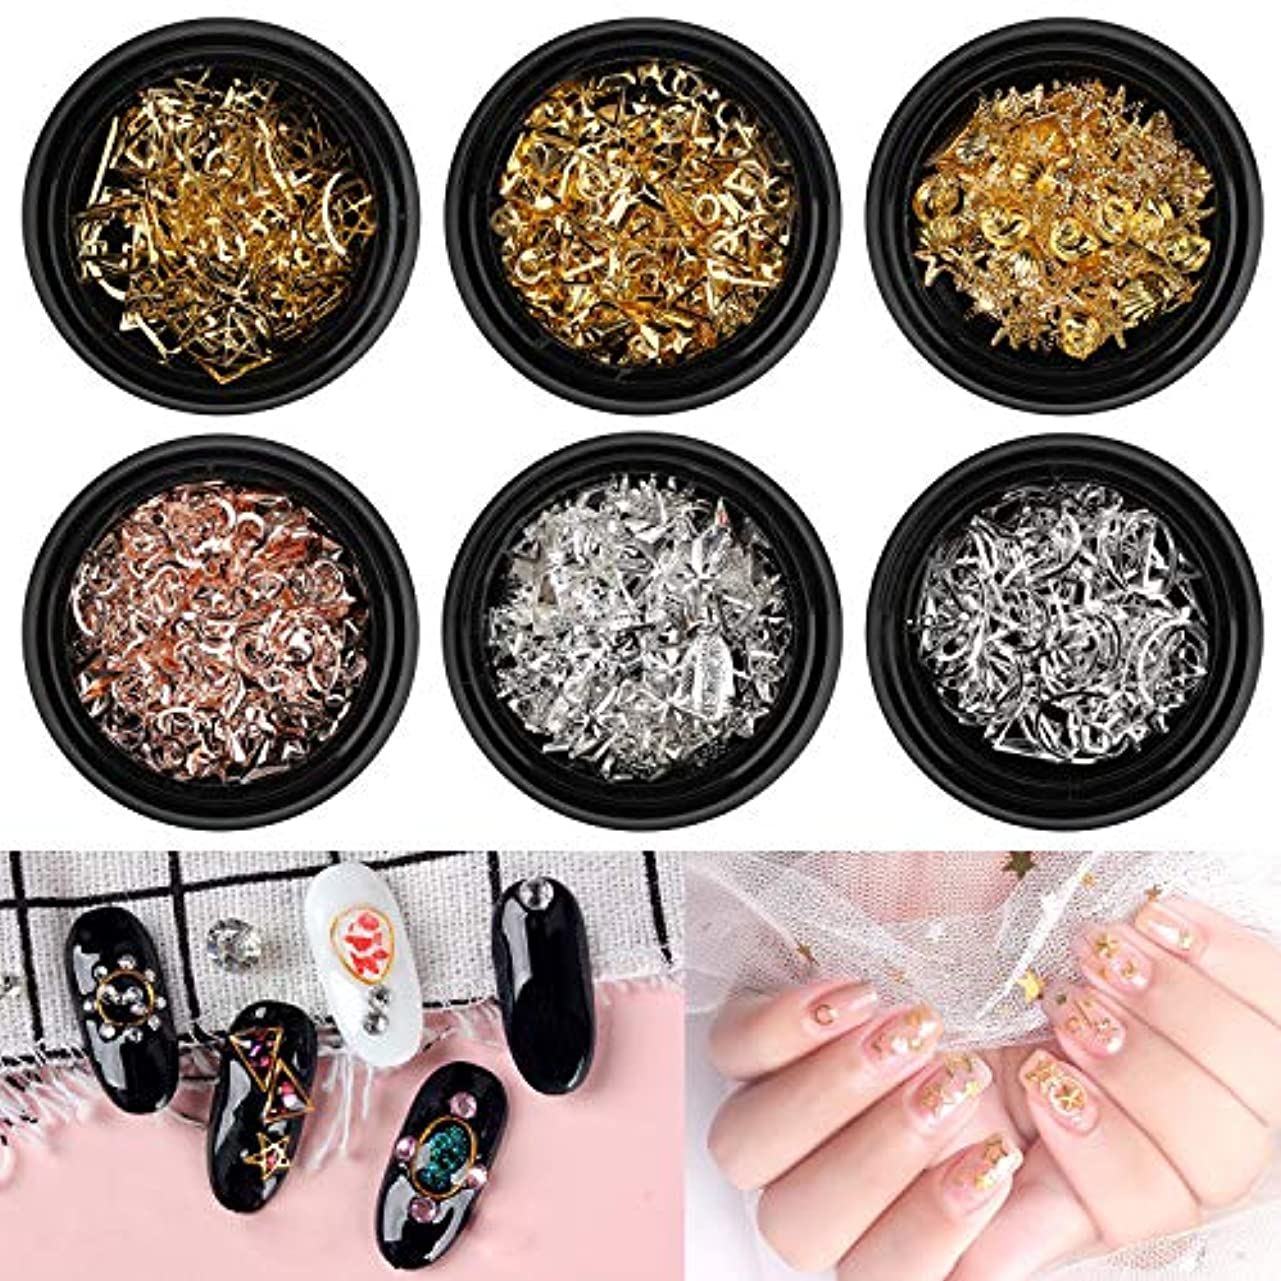 並外れて香水やりすぎAKWOX ネイルスタッズ ネイルメタルパーツ ネイルパーツ (6種類15gセット) ネイルデザイン用